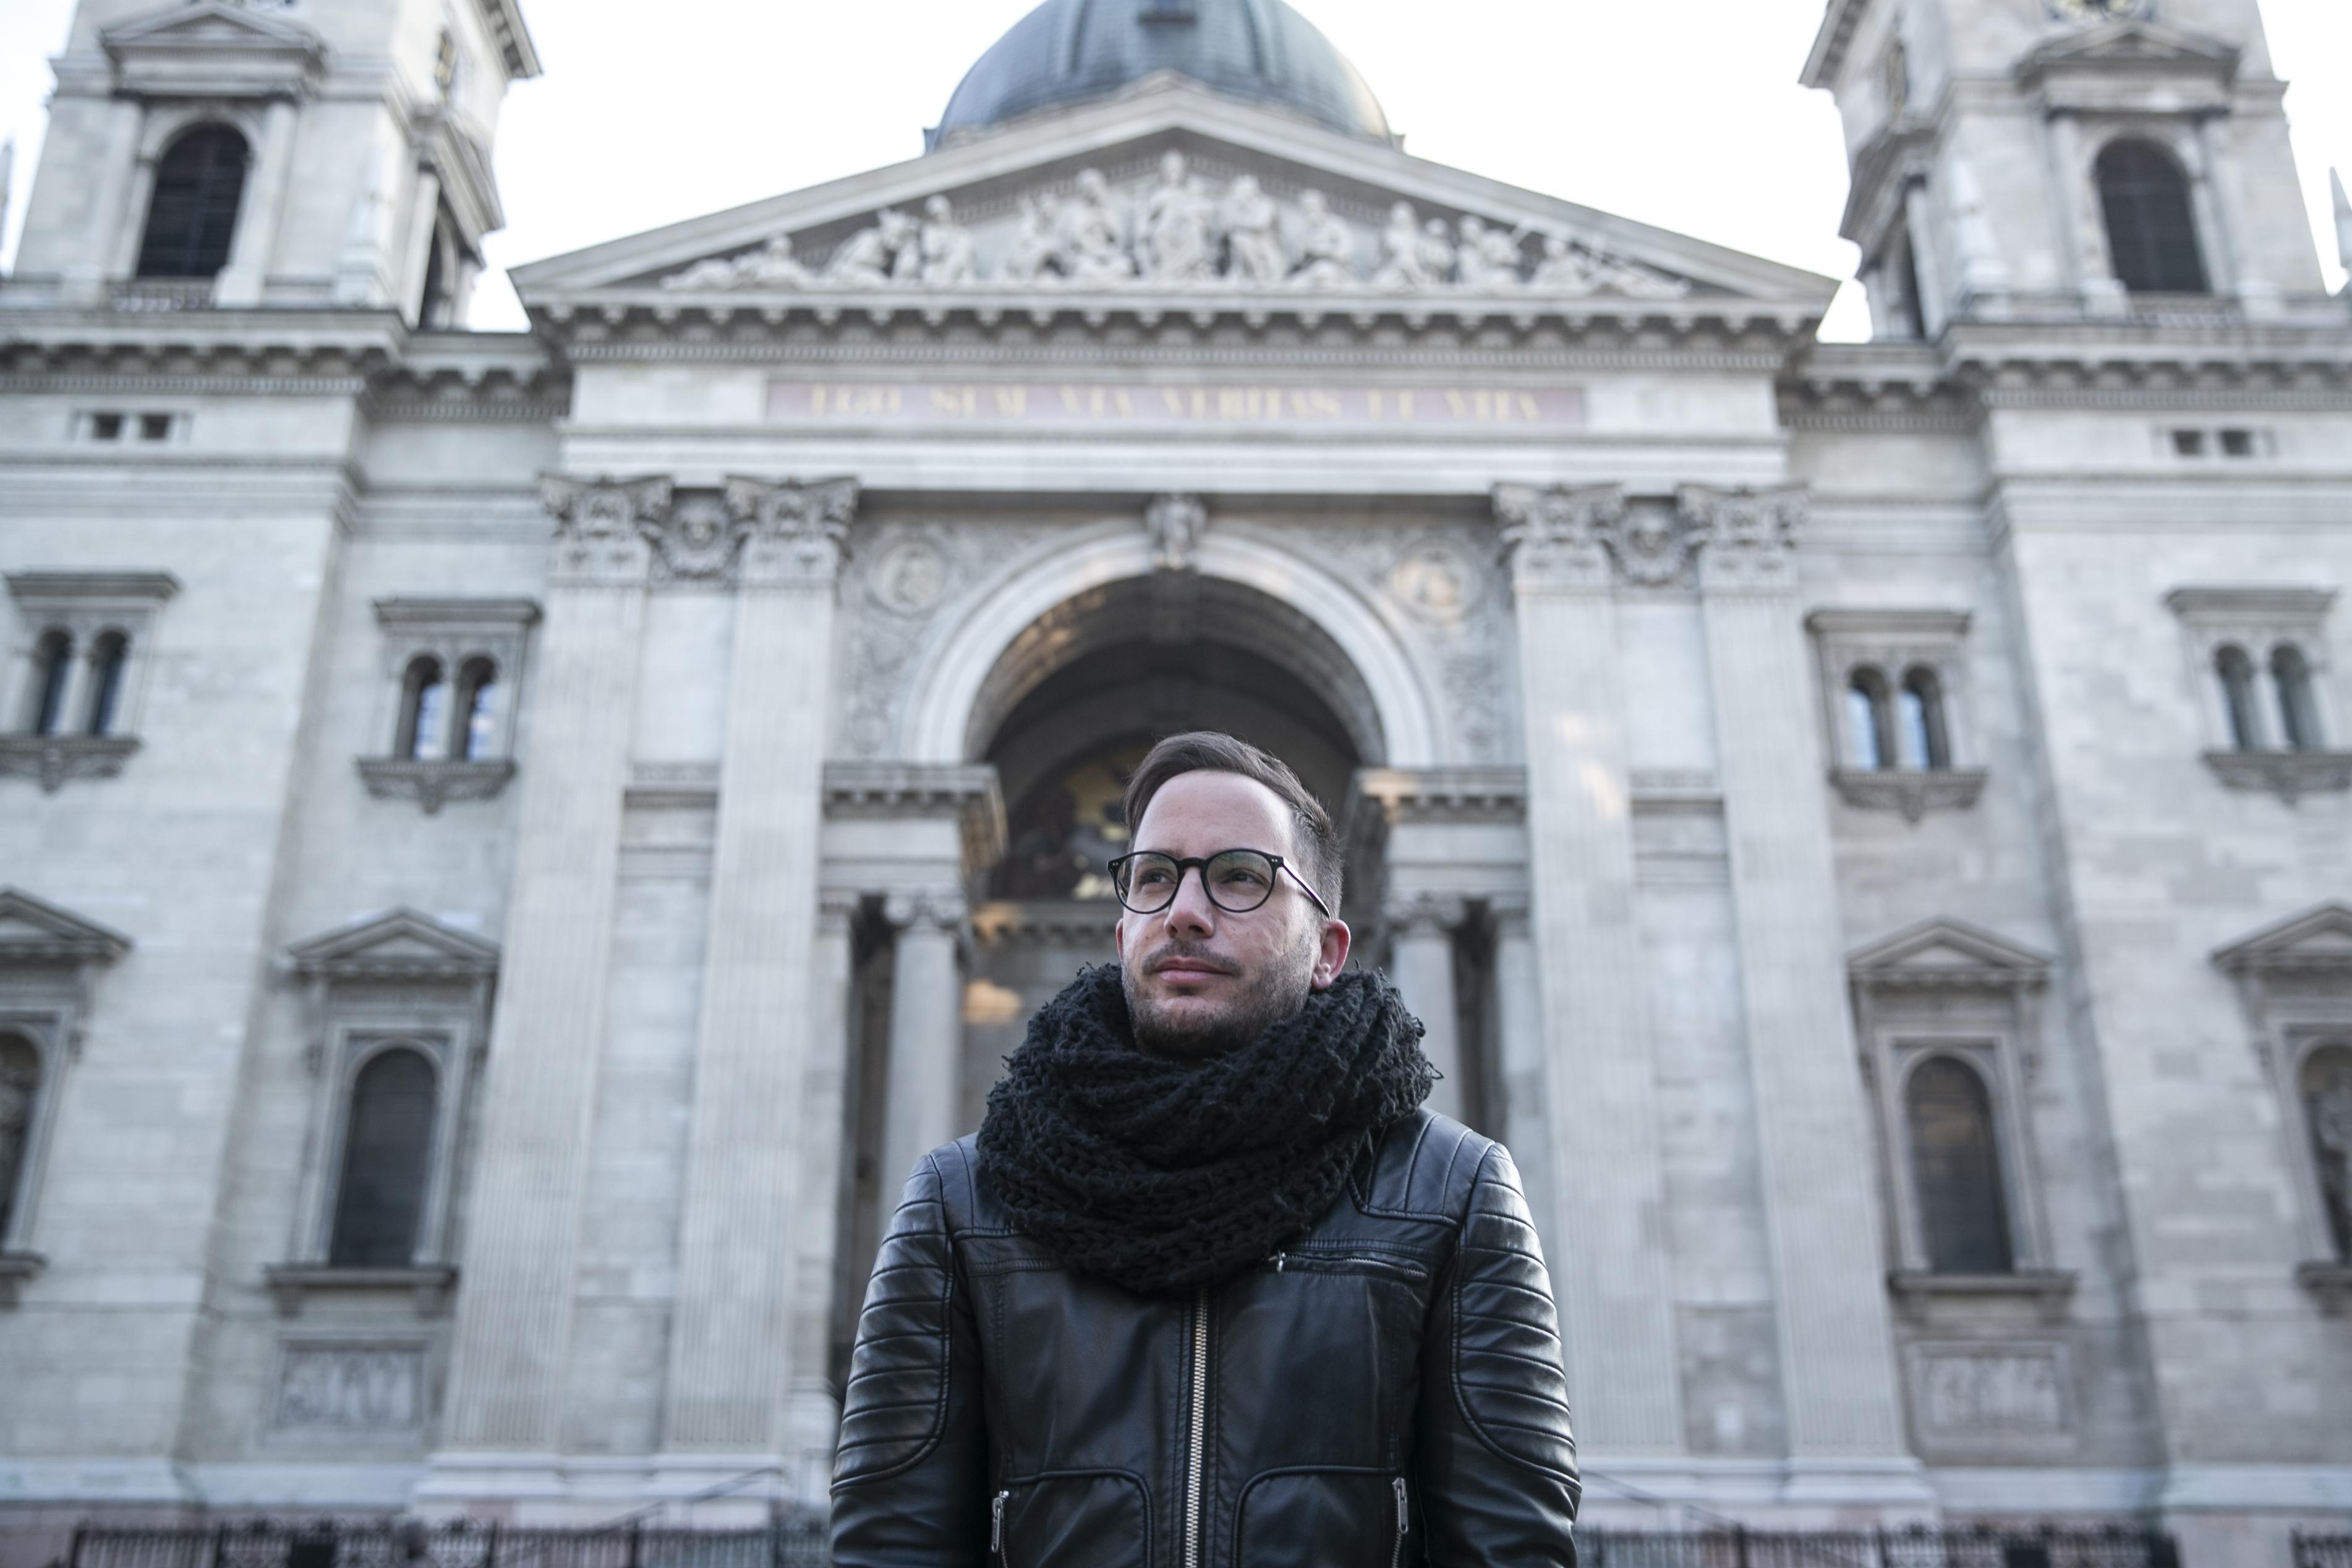 Néhány éve szavaink sem voltak rá, de az áldozatok Magyarországon is megtörték a hallgatást